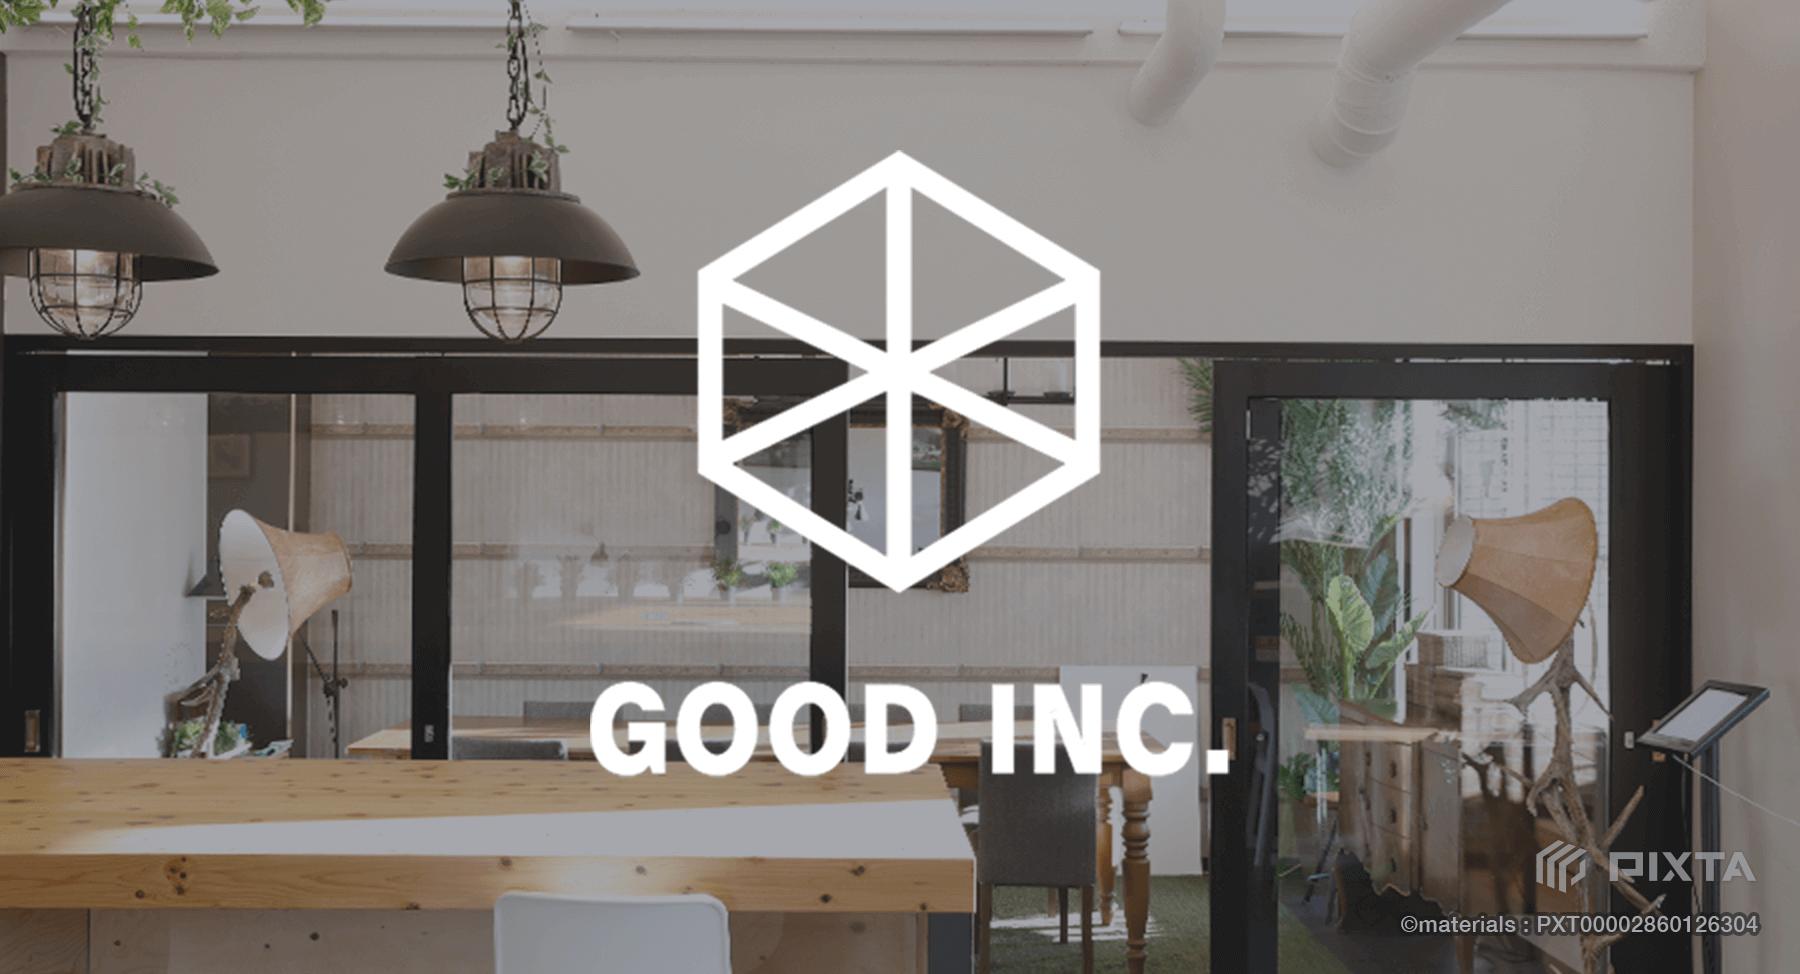 デザイン事務所や企業のロゴのデザインテンプレート